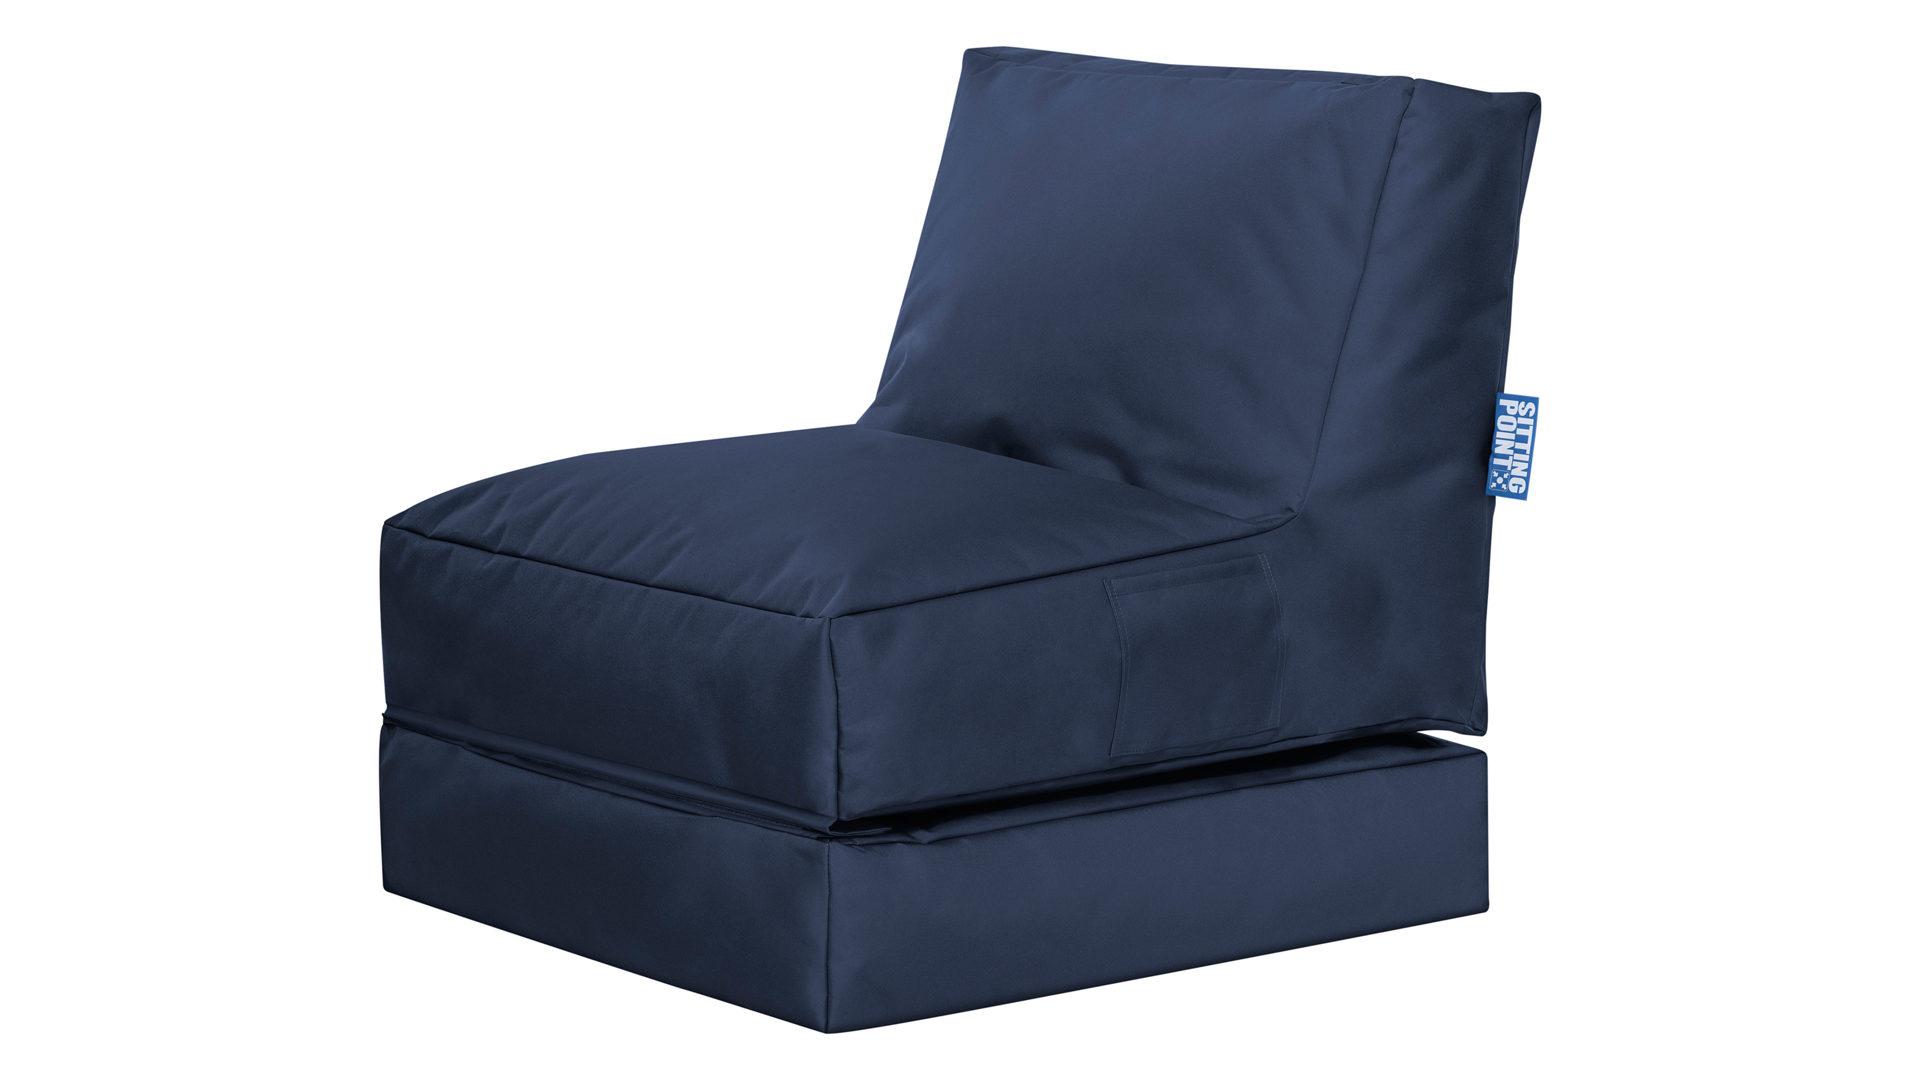 Möbel Gunst gunst schwäbisch möbel a z sitzsäcke sessel liegen